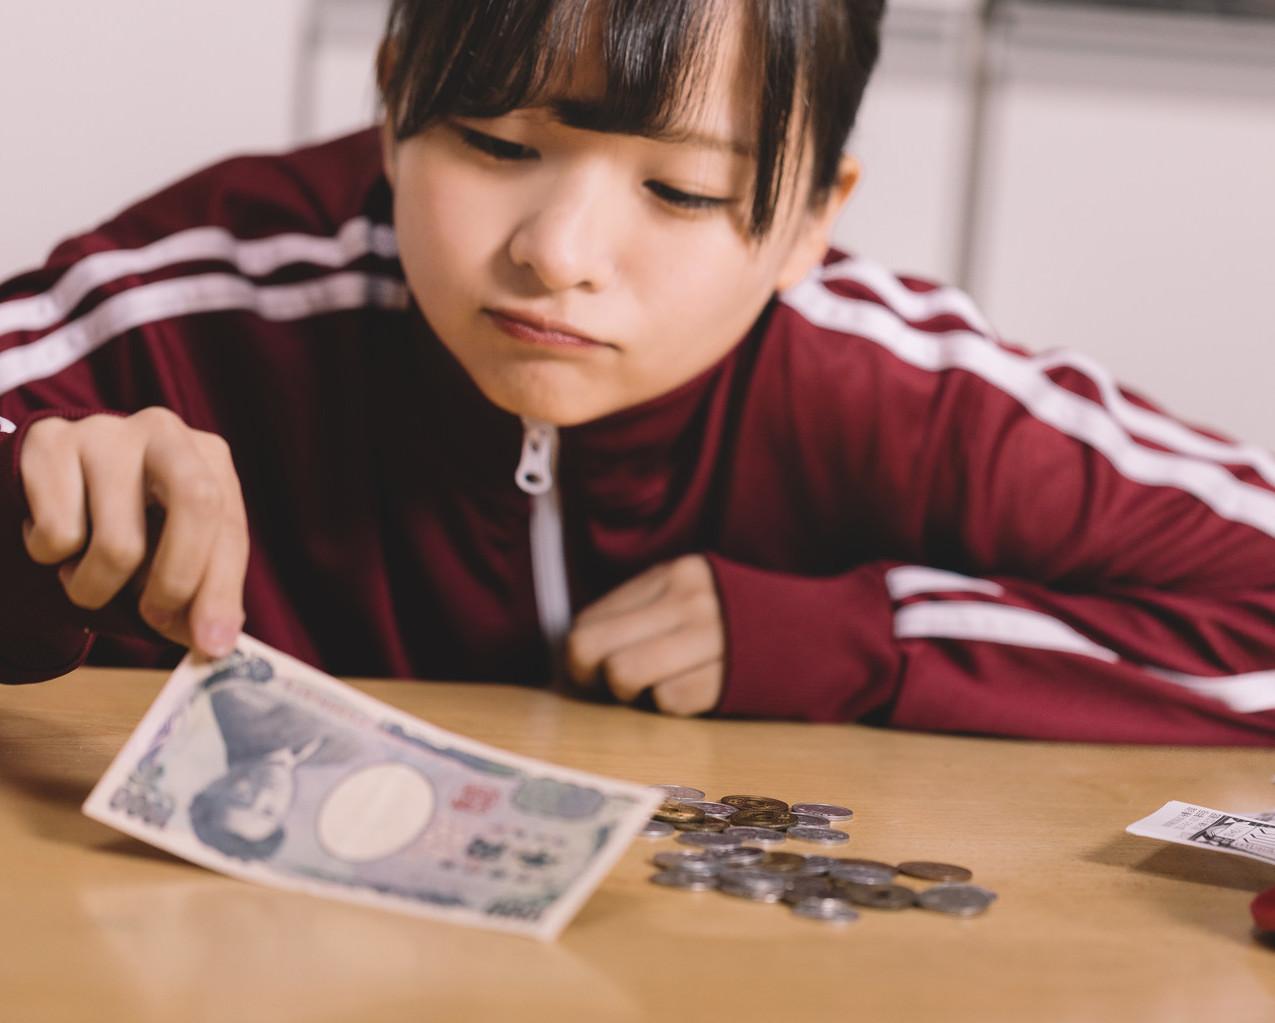 効果的な節約方法なんか見つけても貧乏から抜け出せません!(そして打開策も解説)